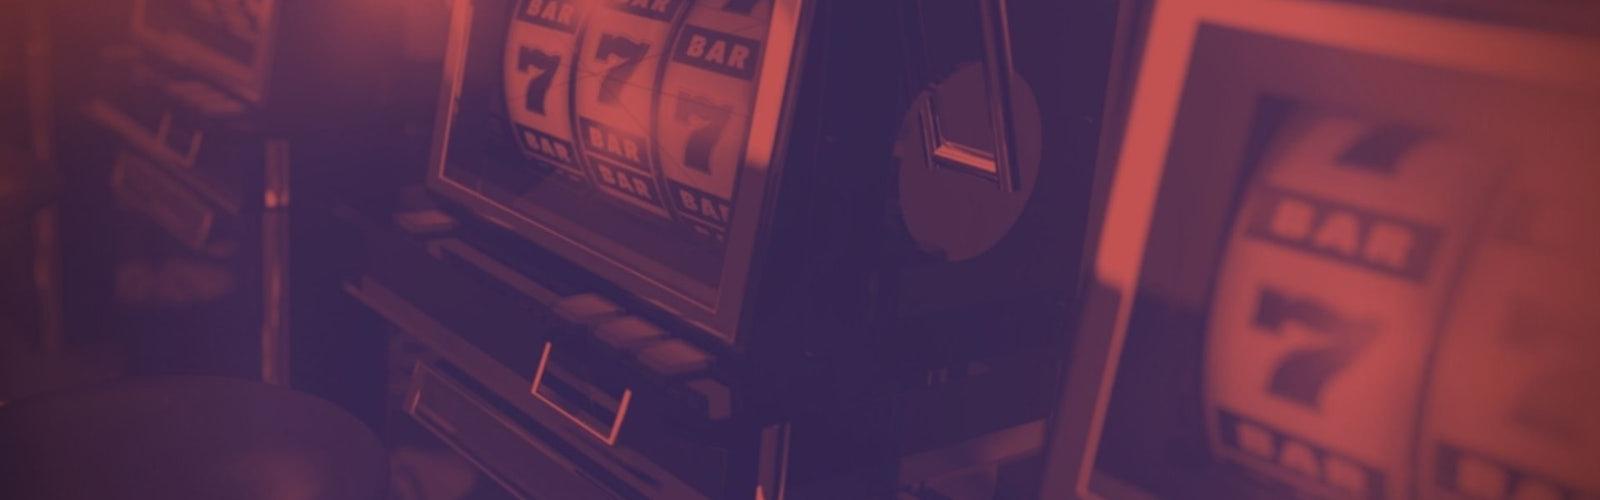 Casino Free Spins Header Banner